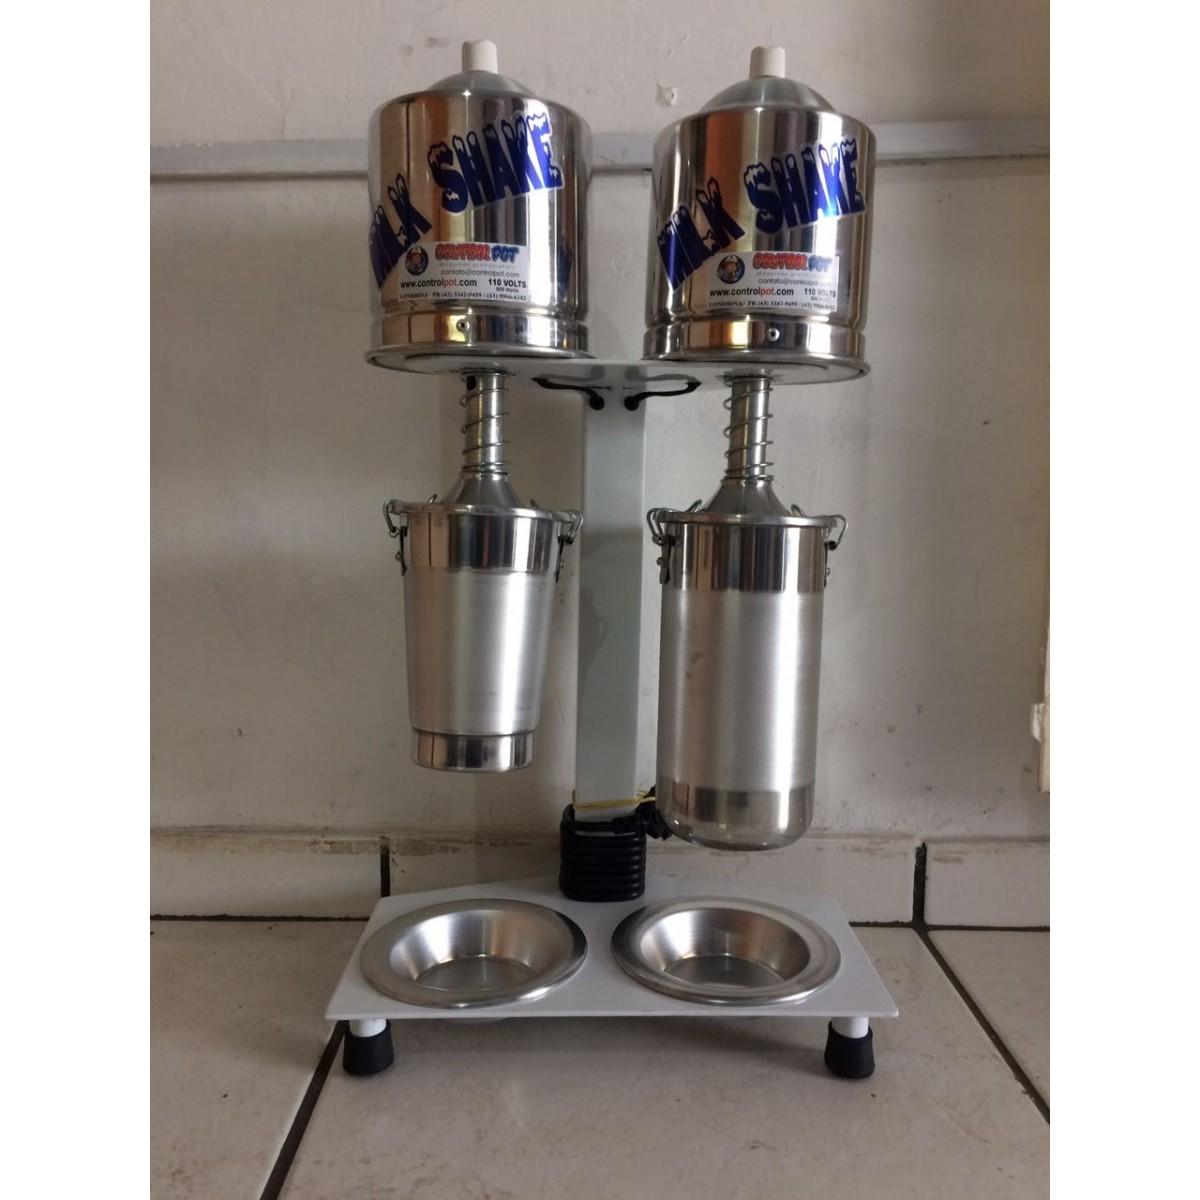 Maquina Milk Shake Profissional Sd 2014 Dupla Balcão 750watt  - controlpot Maquinas e Batedores Milk Shake